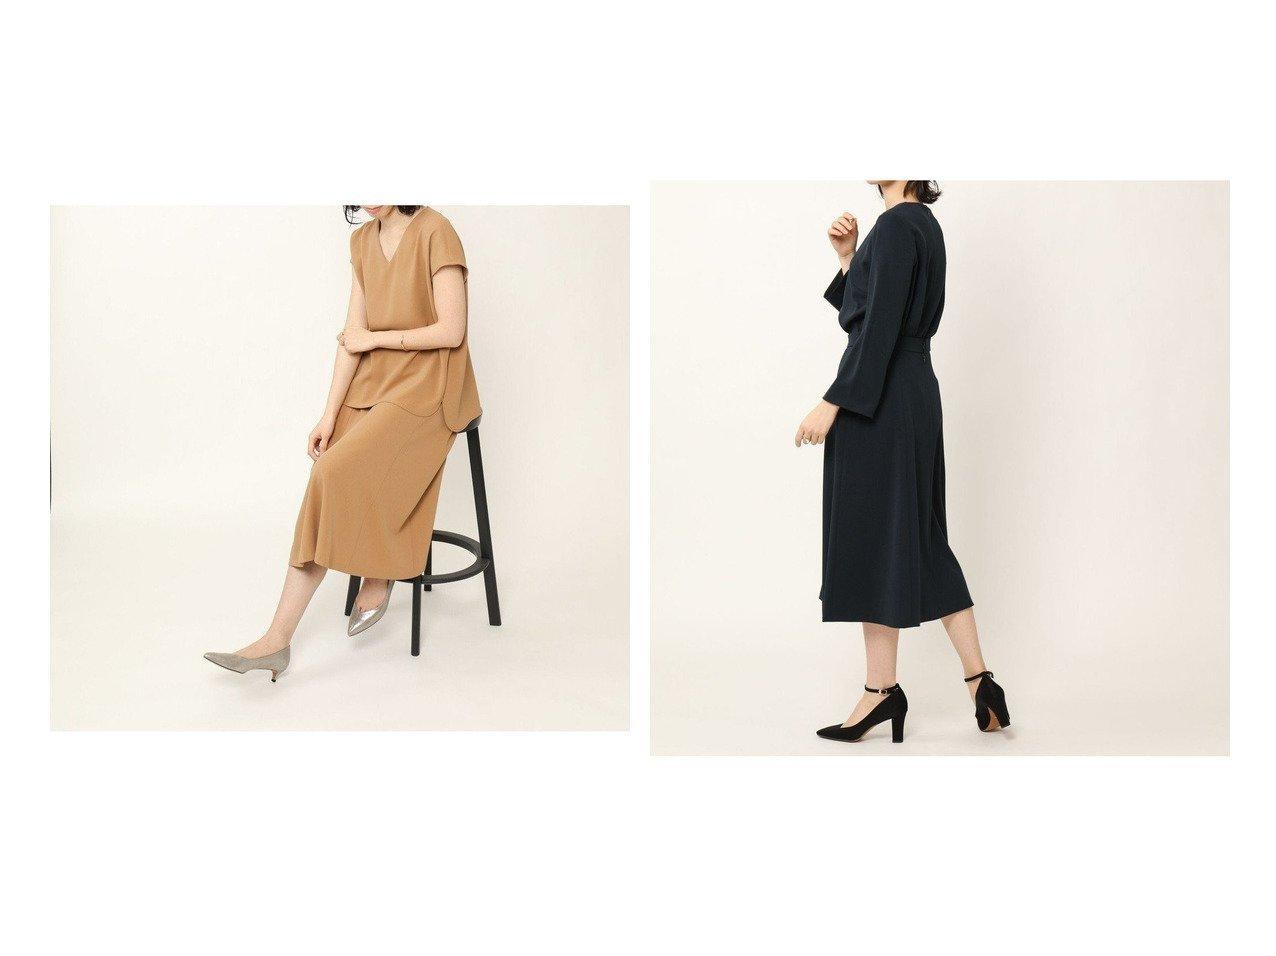 【KASHIYAMA EASY/カシヤマ イージー】のオックス 2wayストレッチ フレアスカート&オックス 2wayストレッチ フレアスカート 【スカート】おすすめ!人気、トレンド・レディースファッションの通販   おすすめで人気の流行・トレンド、ファッションの通販商品 インテリア・家具・メンズファッション・キッズファッション・レディースファッション・服の通販 founy(ファニー) https://founy.com/ ファッション Fashion レディースファッション WOMEN スカート Skirt Aライン/フレアスカート Flared A-Line Skirts オックス 春 Spring 吸水 軽量 シンプル ジャケット ストレッチ スーツ セットアップ フレア リラックス S/S・春夏 SS・Spring/Summer おすすめ Recommend 夏 Summer |ID:crp329100000057112